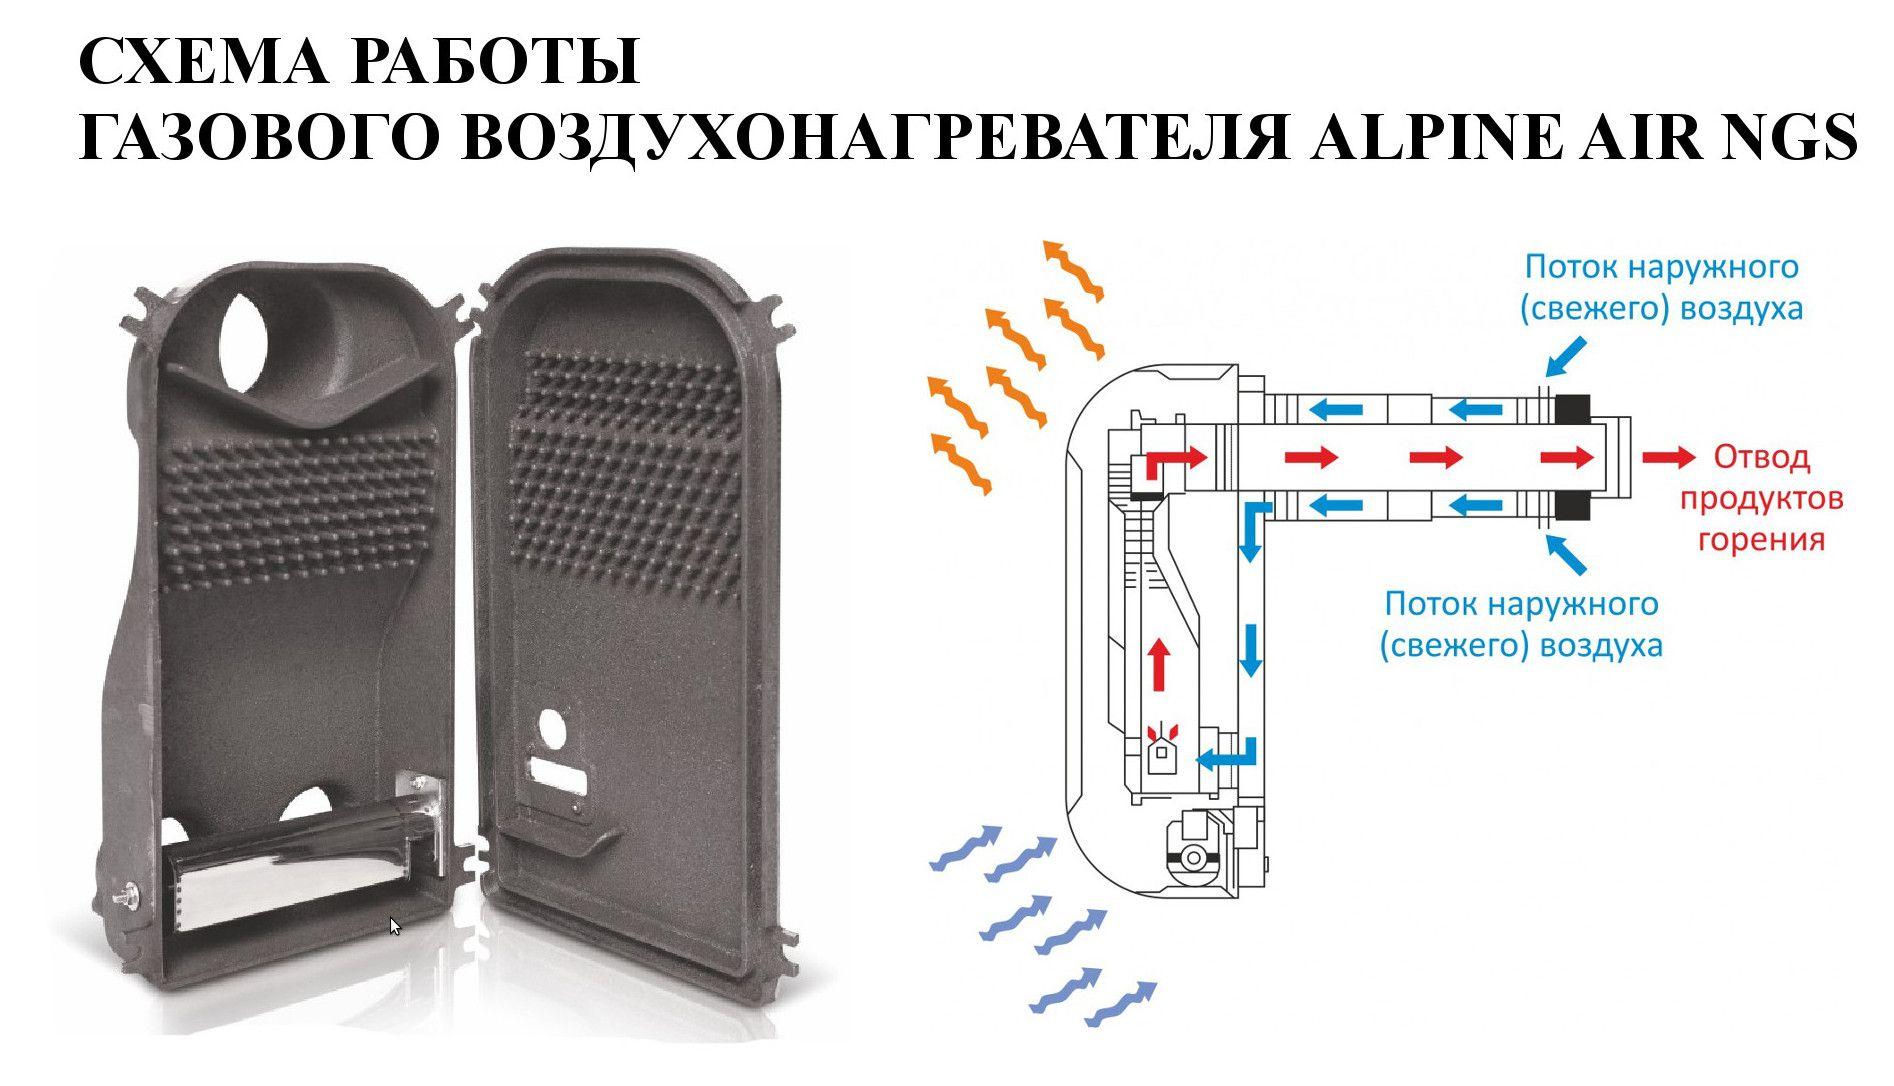 Газовый обогреватель камин для дачи очаг для электрокамина купить в омске